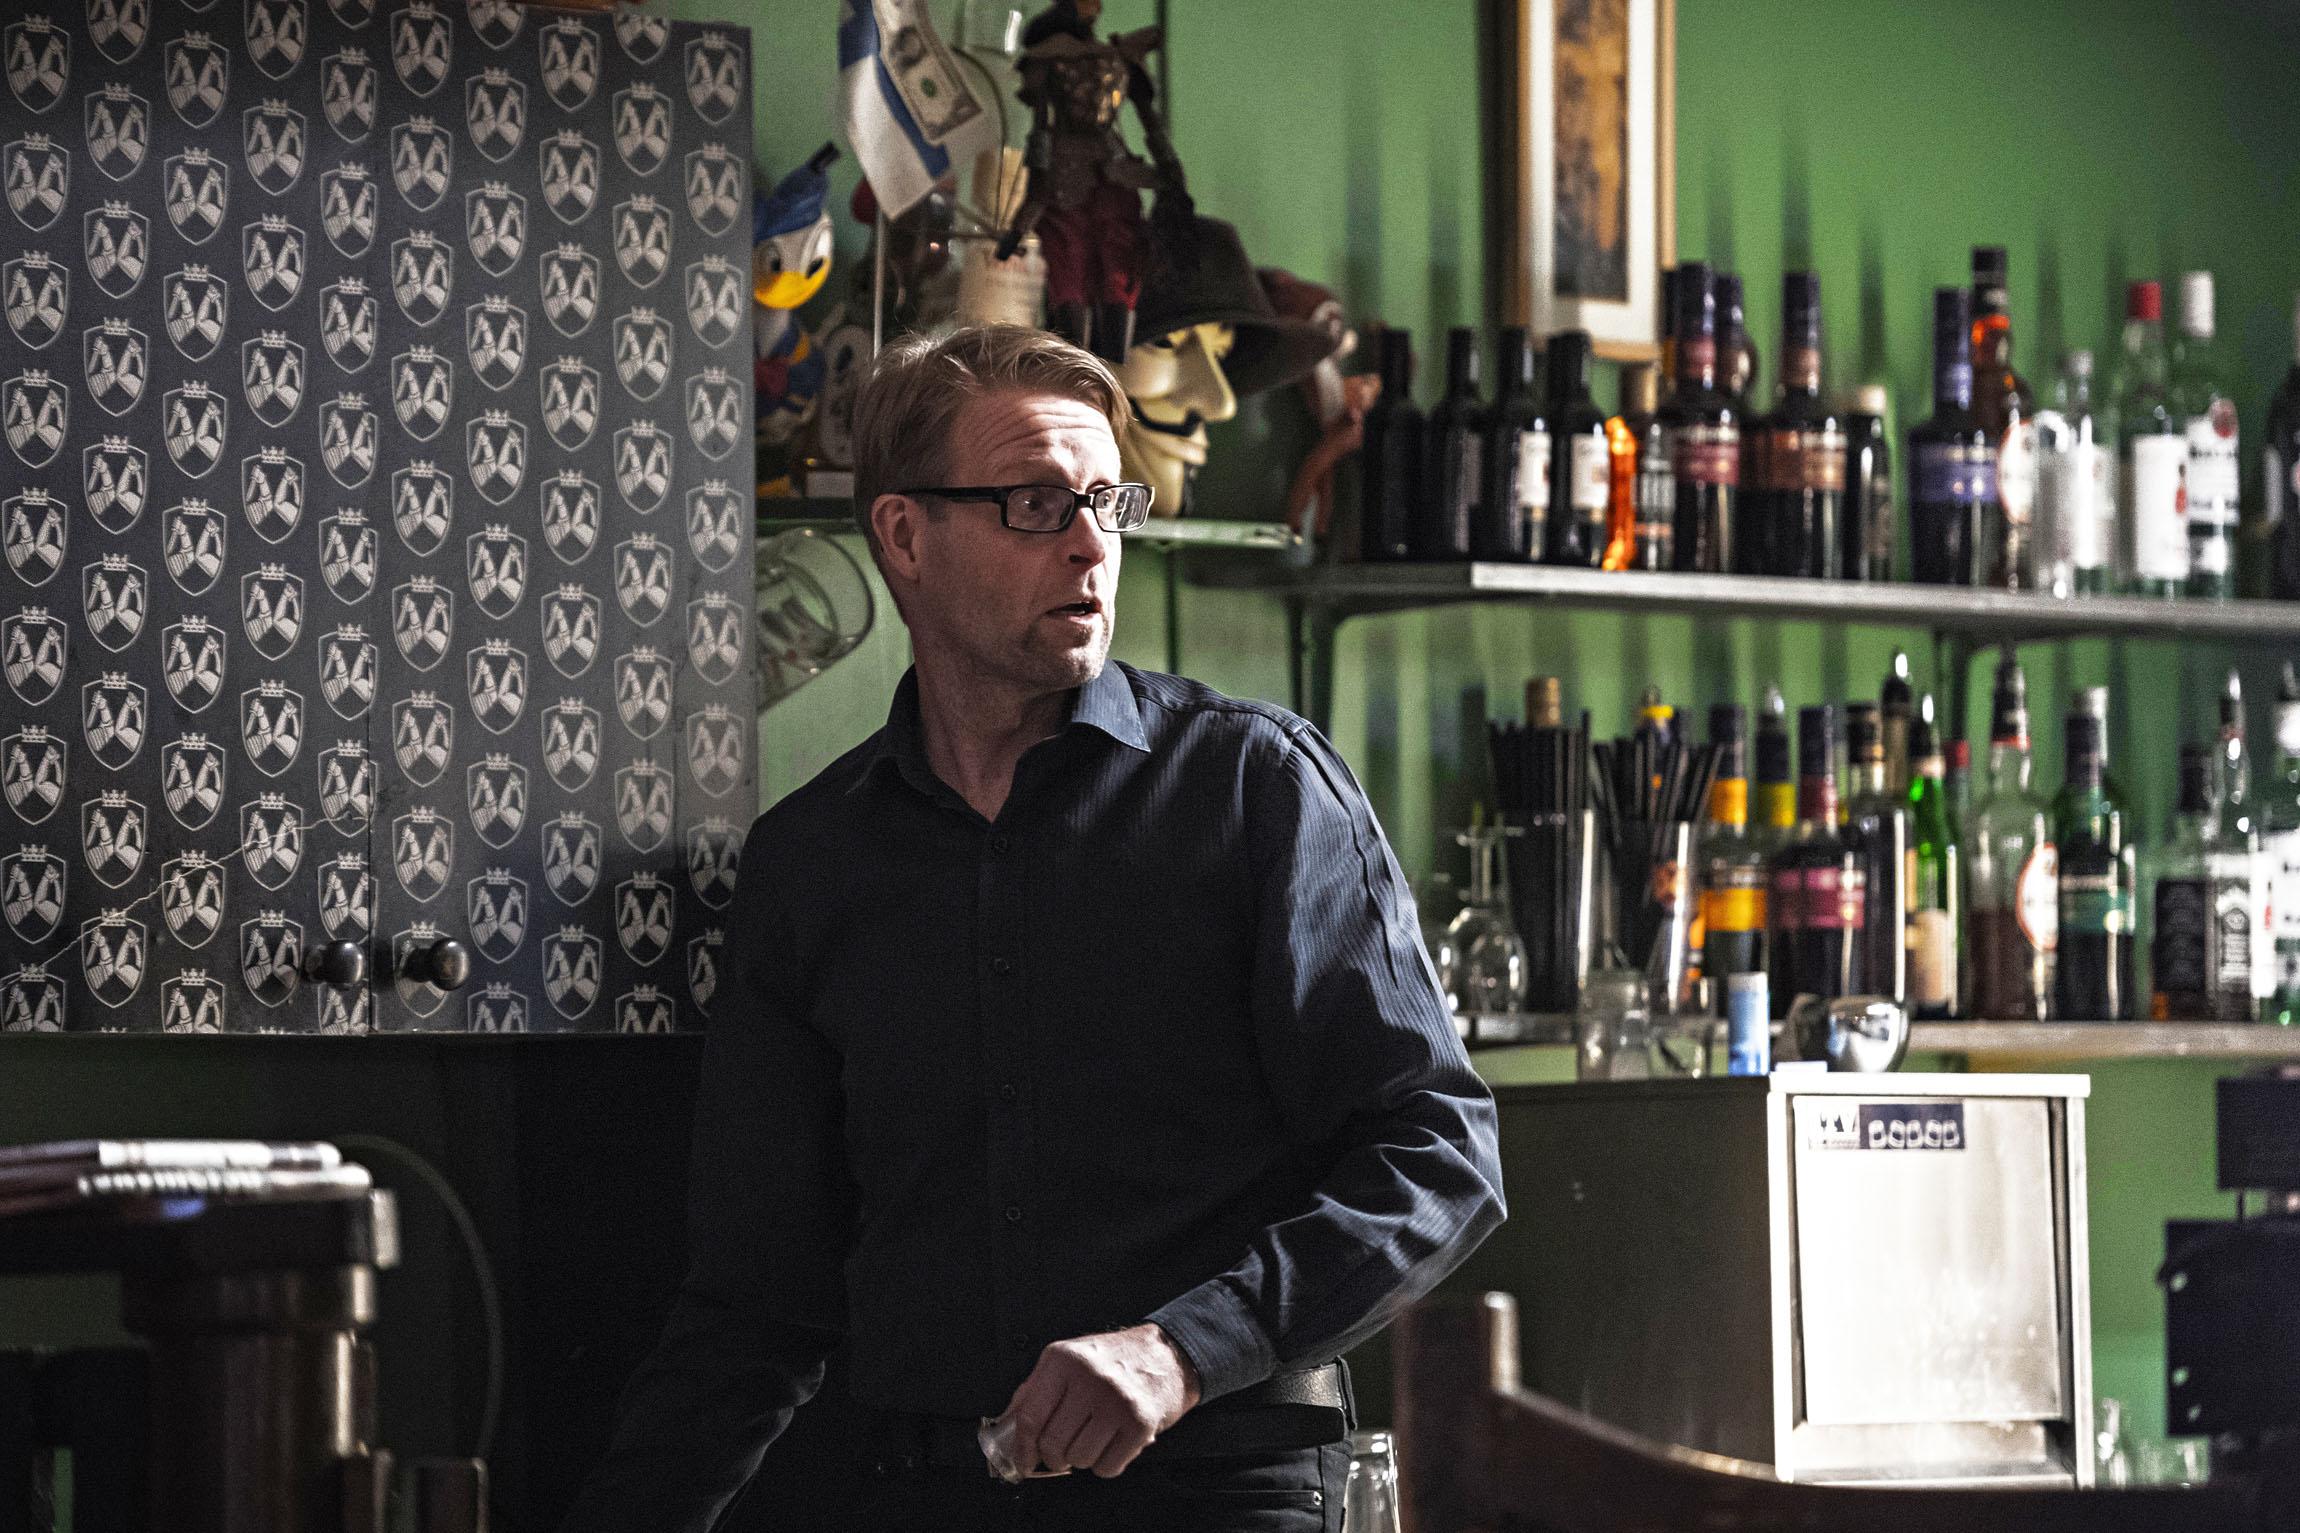 Ravintoloitsija Juha Immoselle on kehittynyt baaritiskin takana pistämätön ihmistuntemus. Ärtyneille asiakkaille hän suosittelee hetkeä mökötysnurkassa.